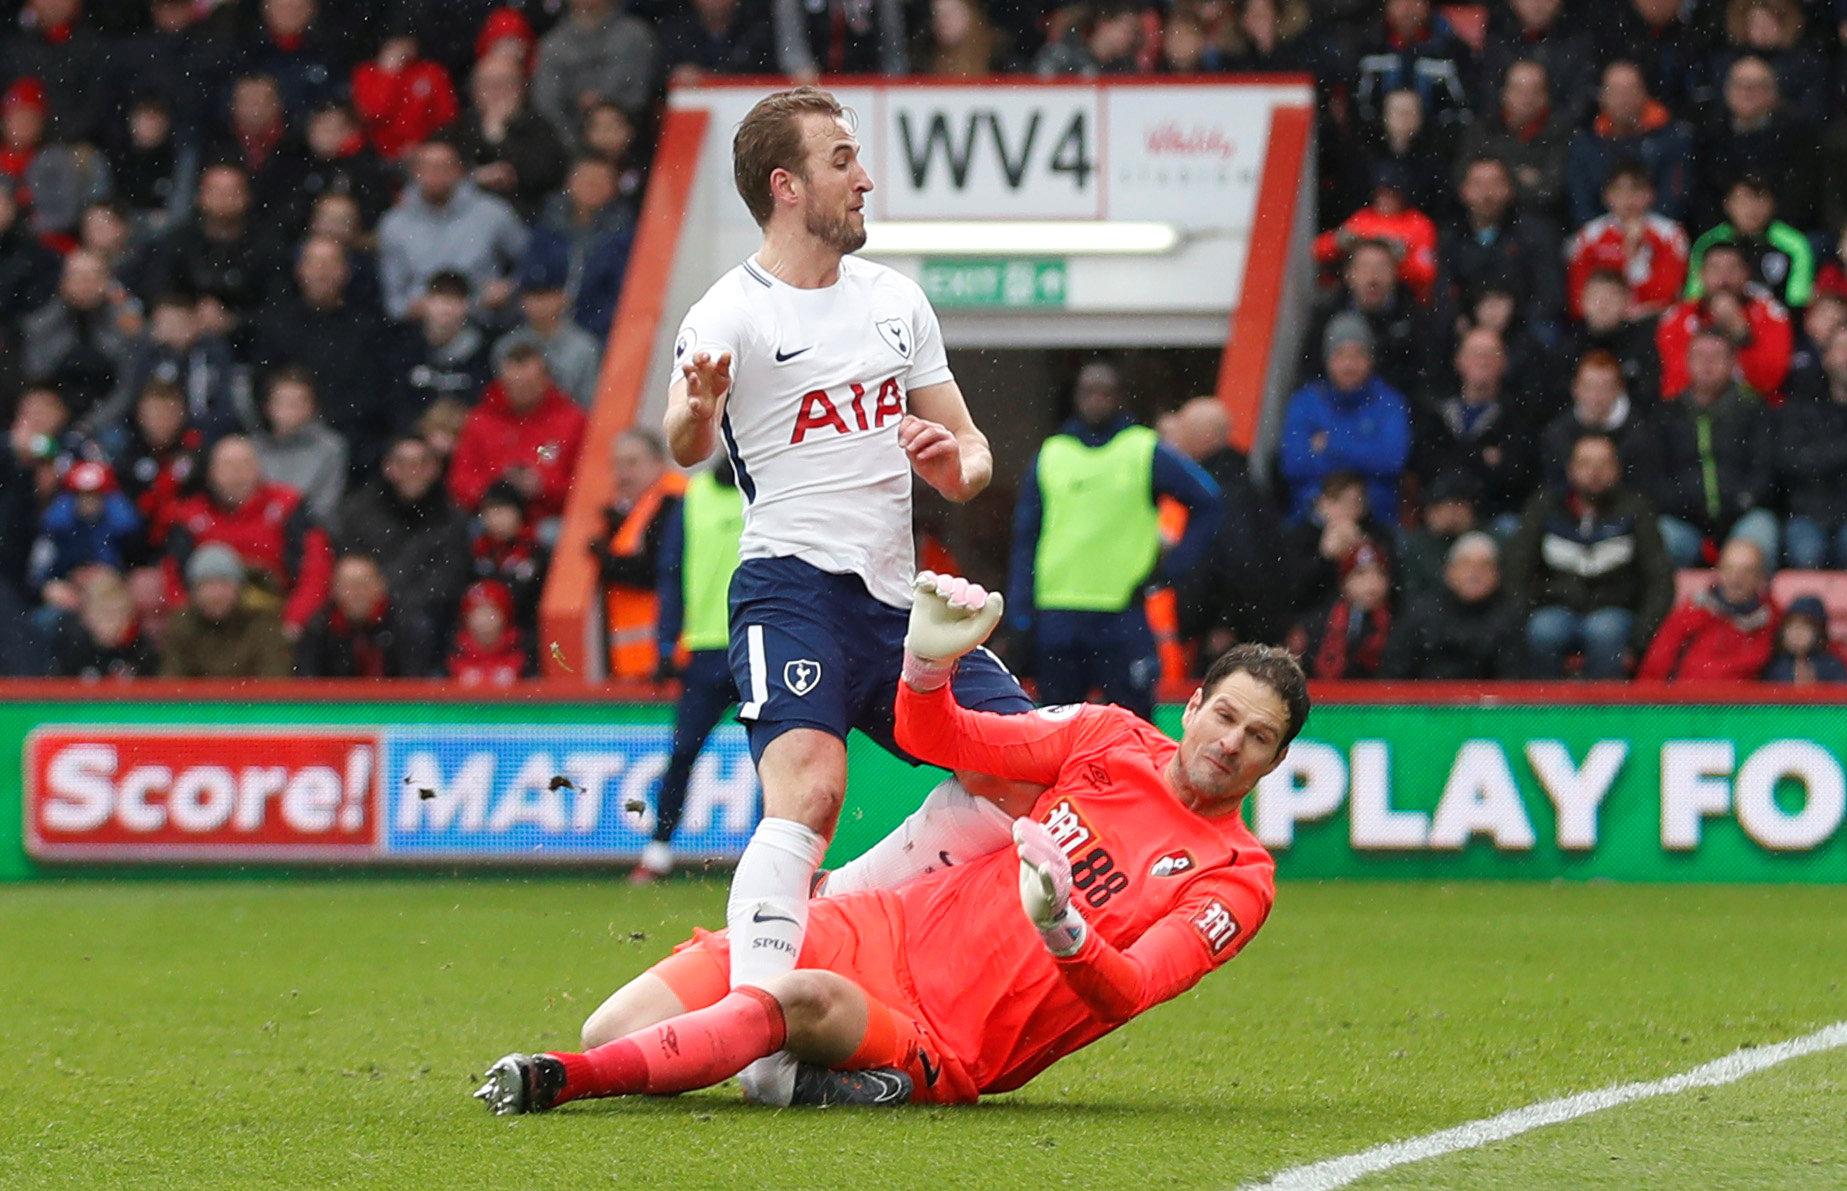 Pha va chạm khiến Kane bị thương. Ảnh: REUTERS